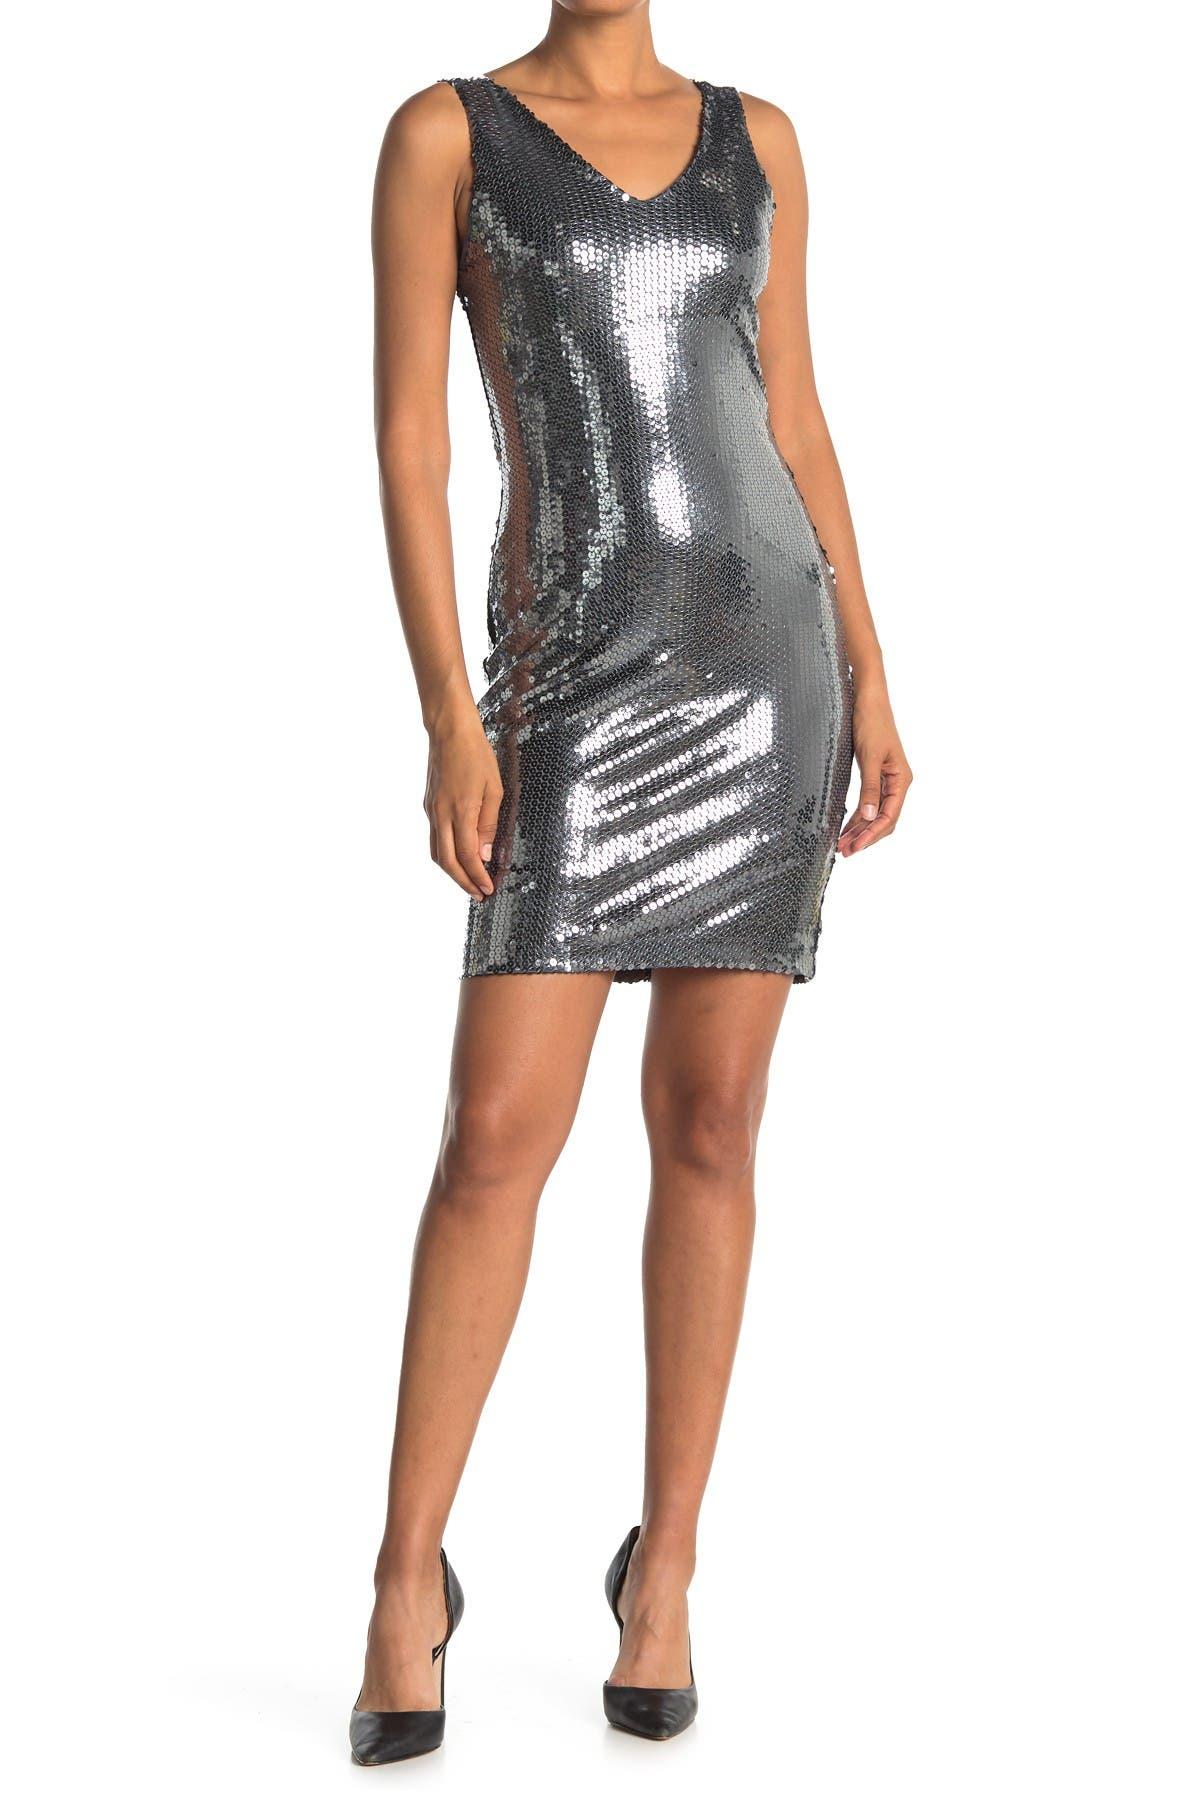 Image of Carmen Carmen Marc Valvo Sleeveless Sequin V-Neck Dress